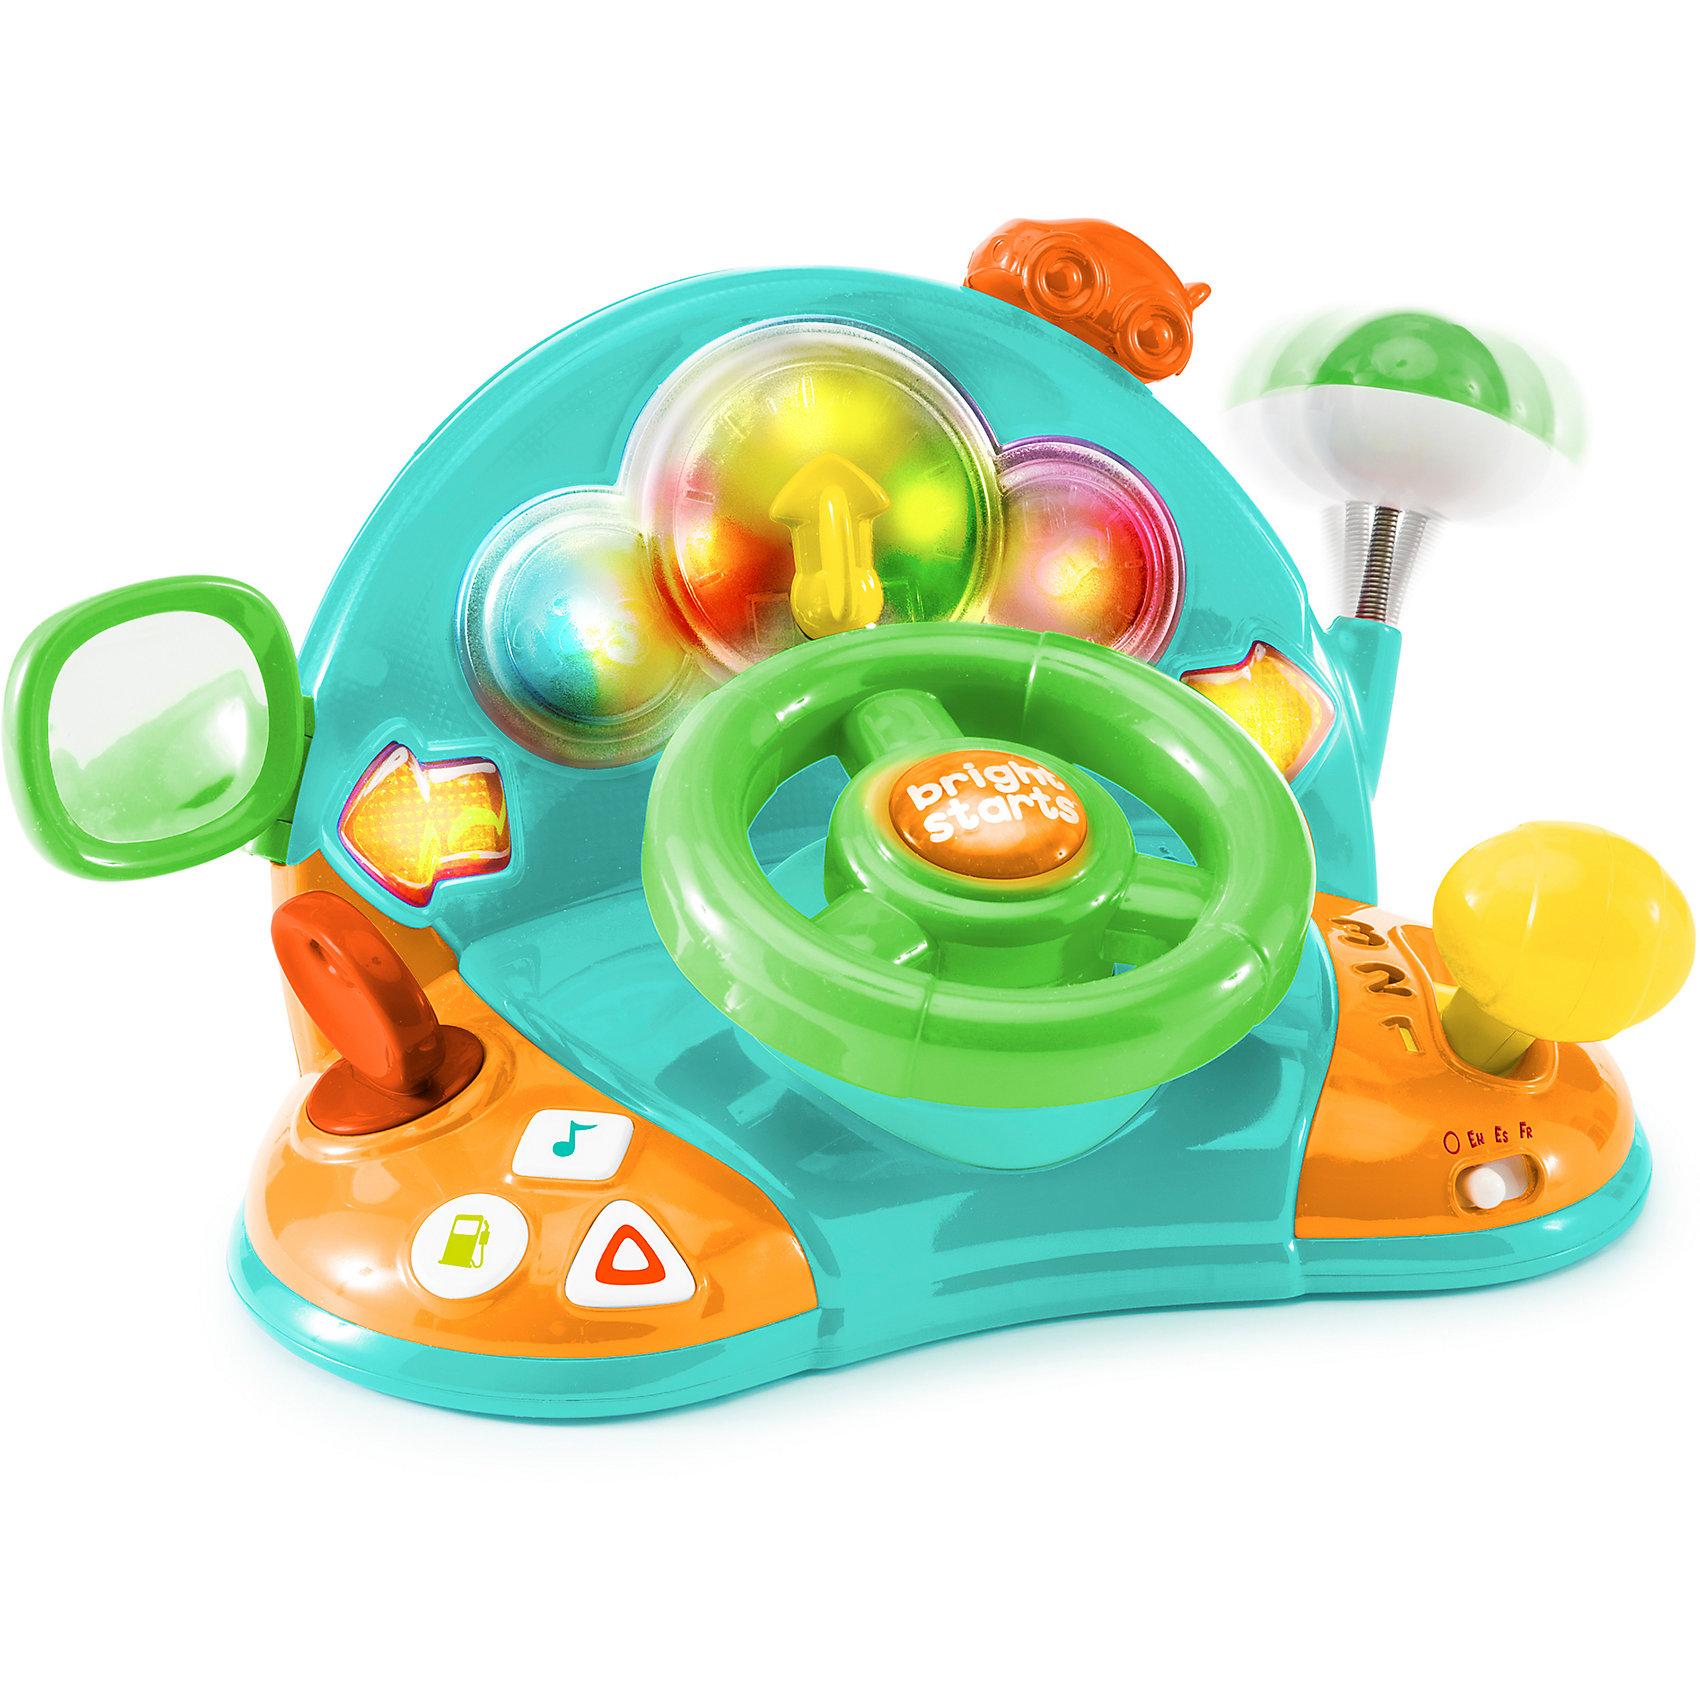 Bright Starts Развивающая игрушка «Маленький водитель», Bright Starts развивающая игрушка bright starts маленький водитель